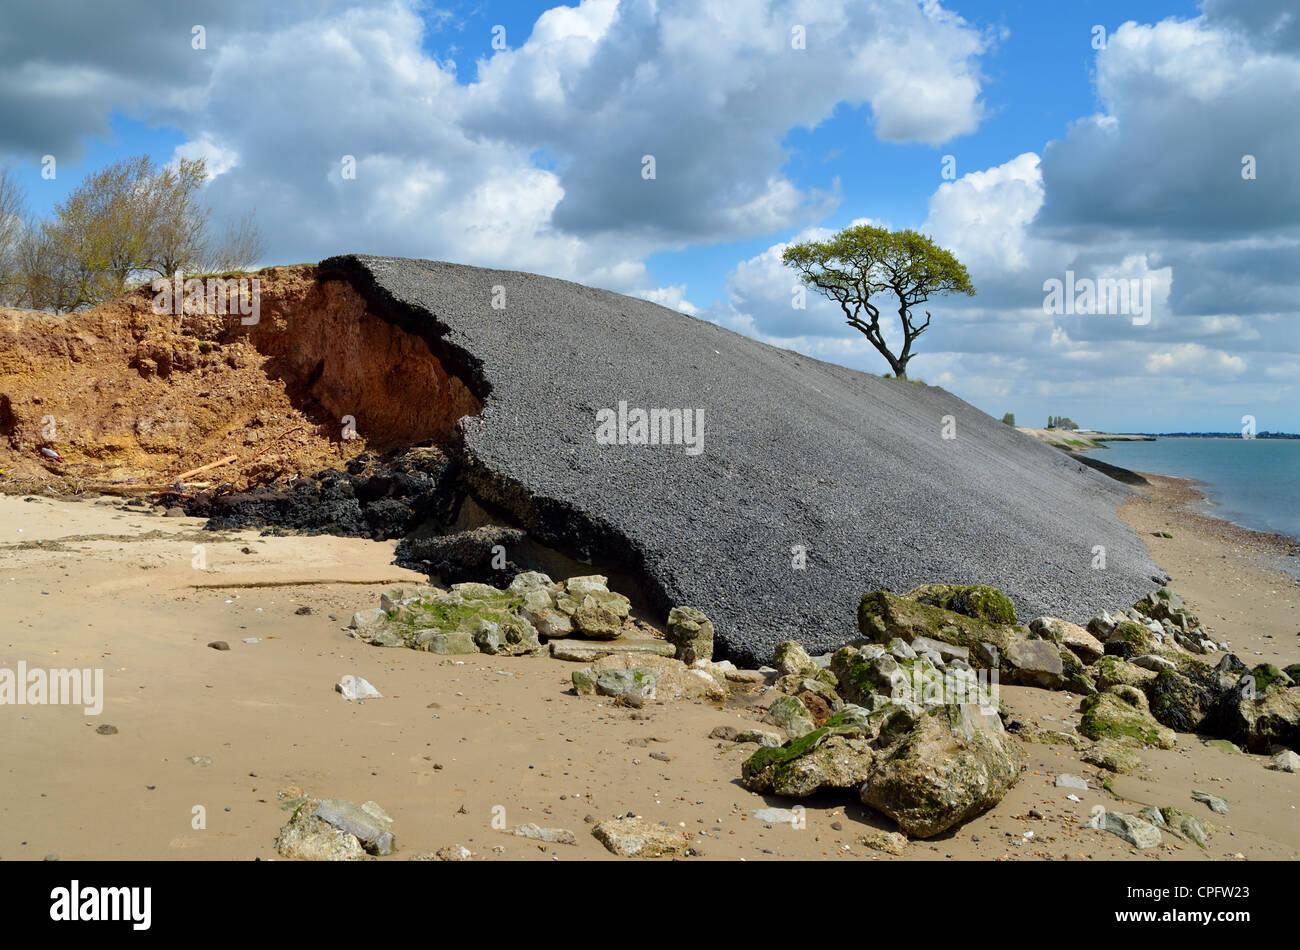 The effects of coastal erosion on the shoreline - Stock Image